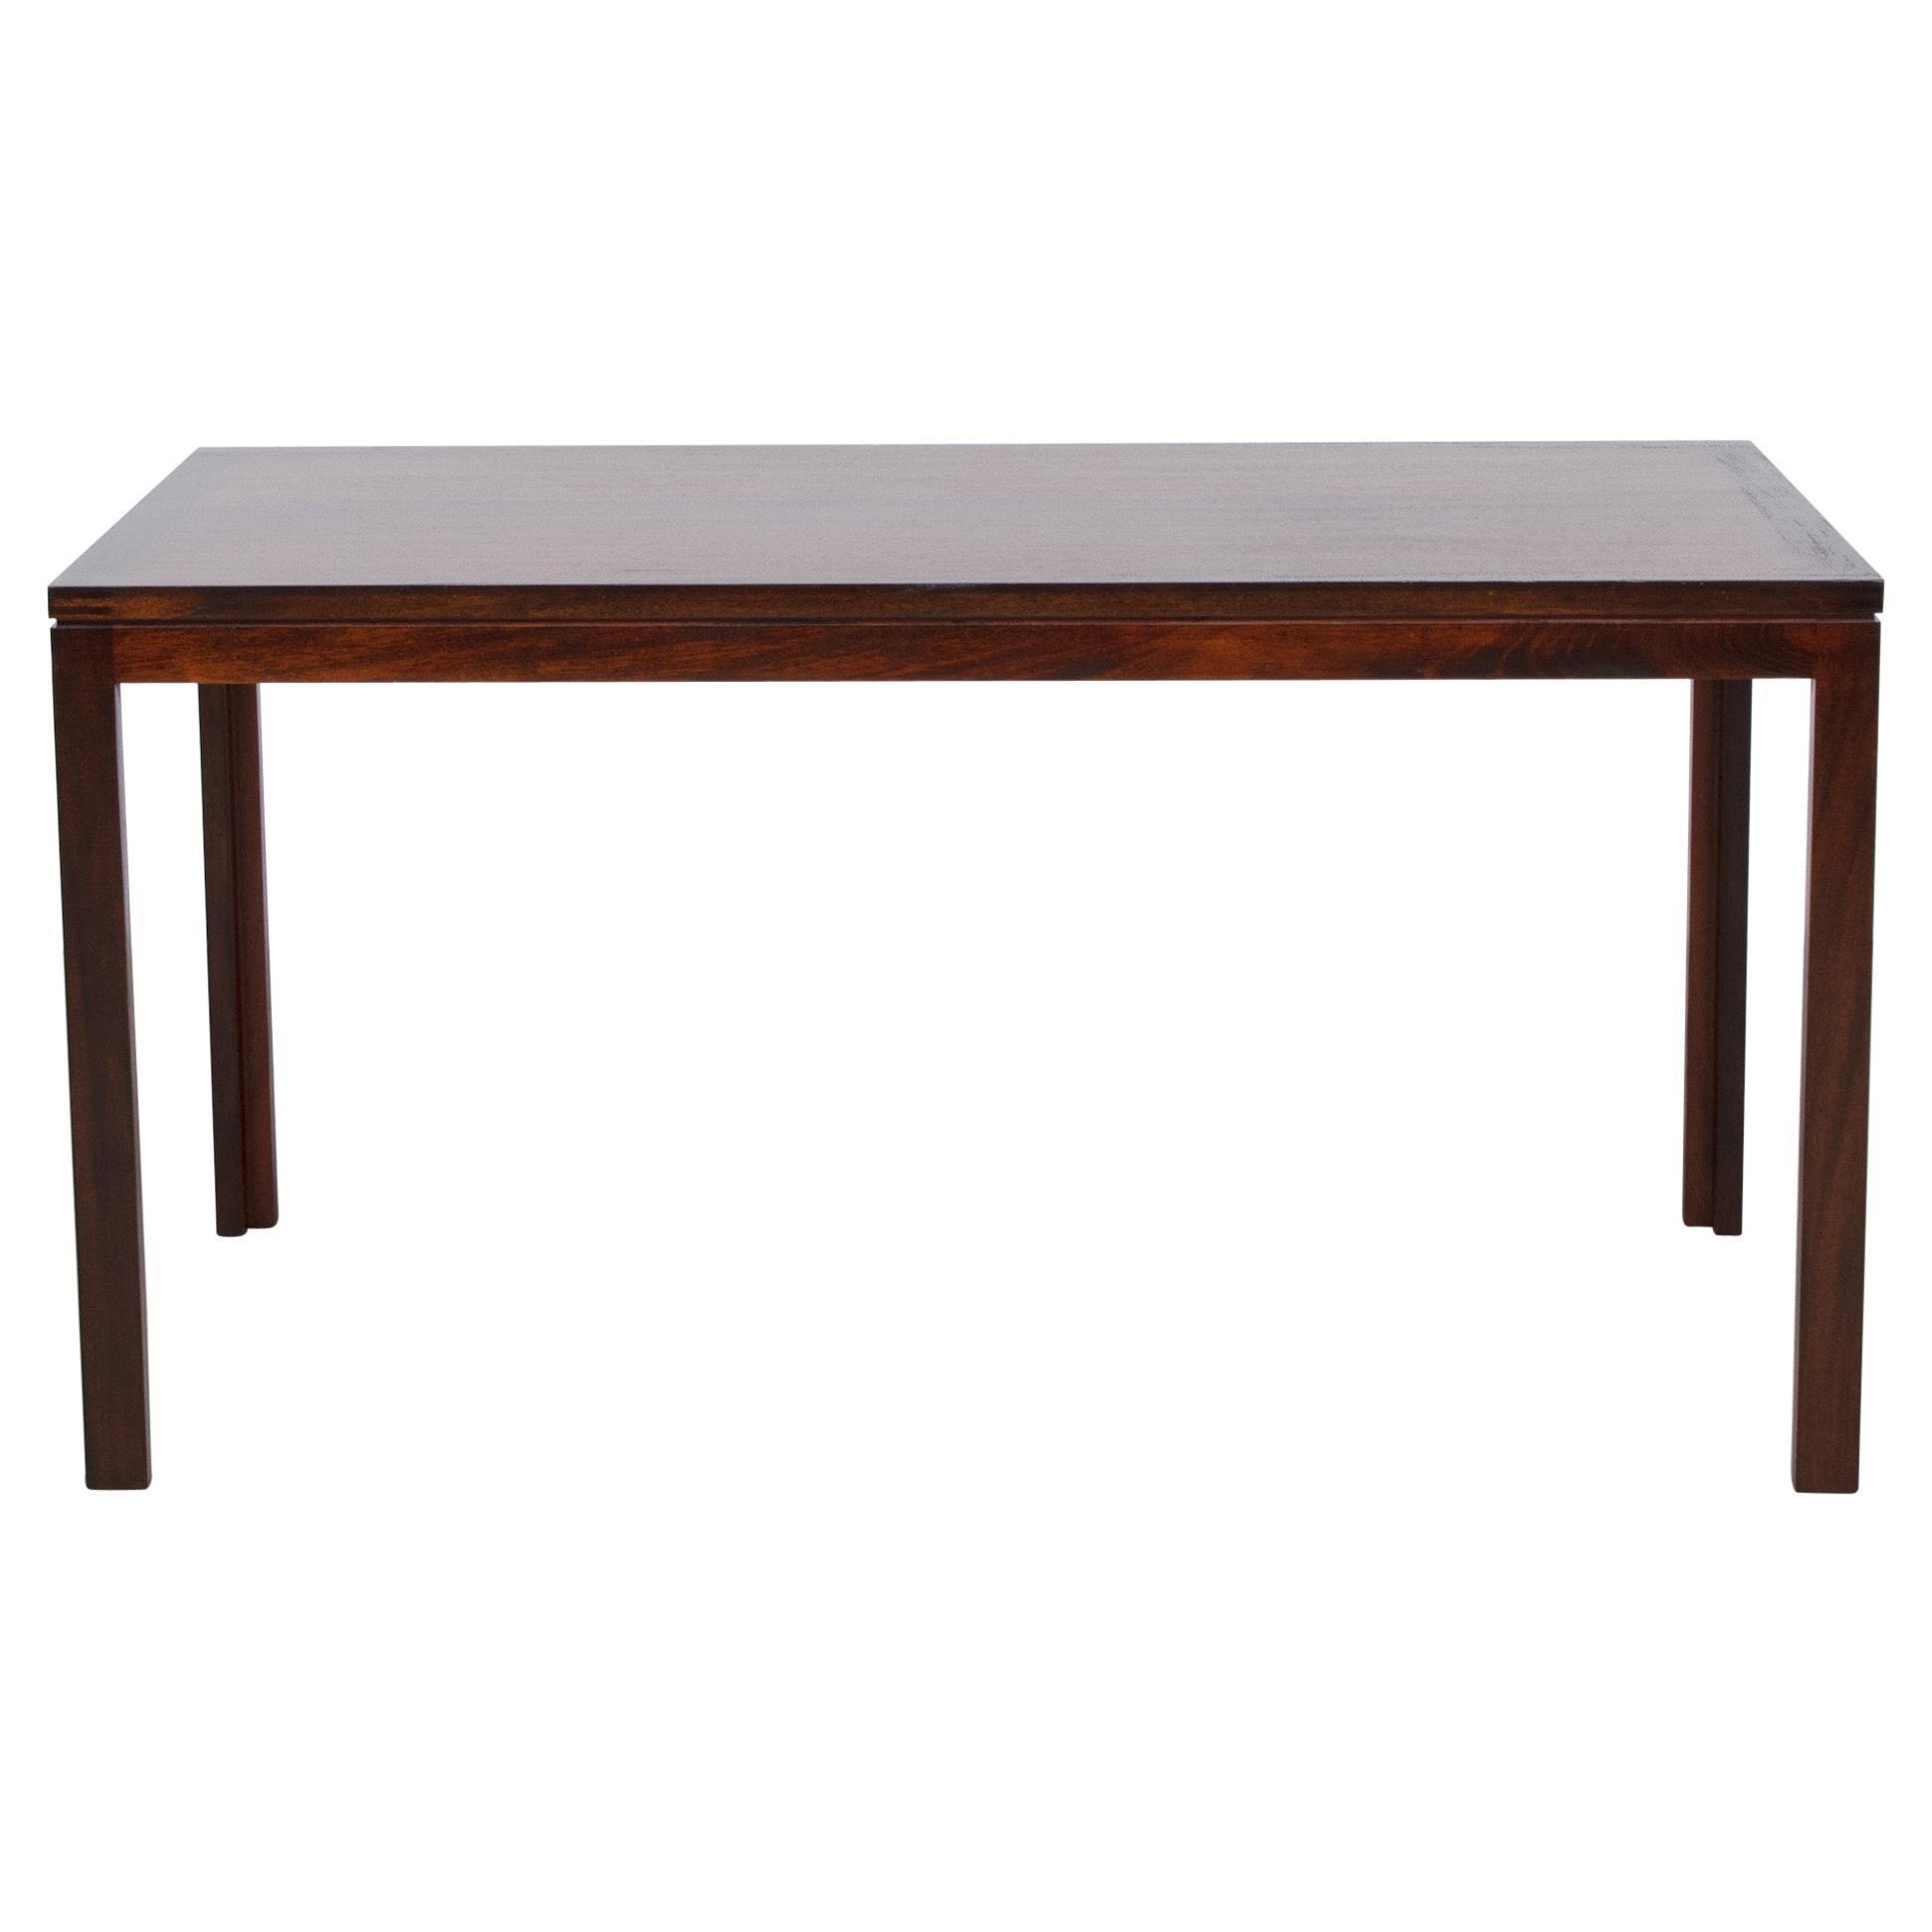 Christian Hvidt Mid-Century Modern Dining Table for Soborg Mobler